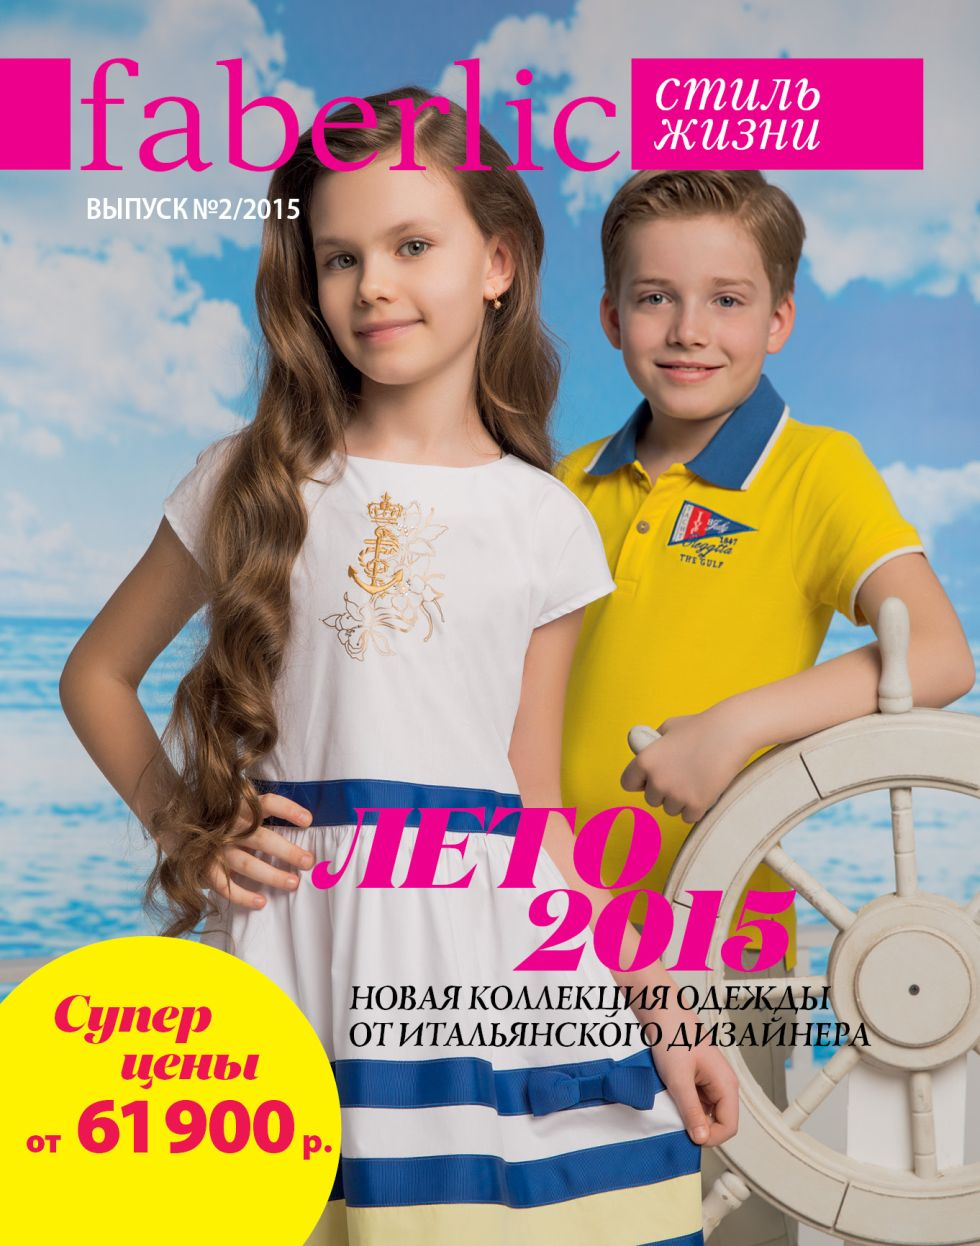 КАТАЛОГ СТИЛЬ ЖИЗНИ №02/2015